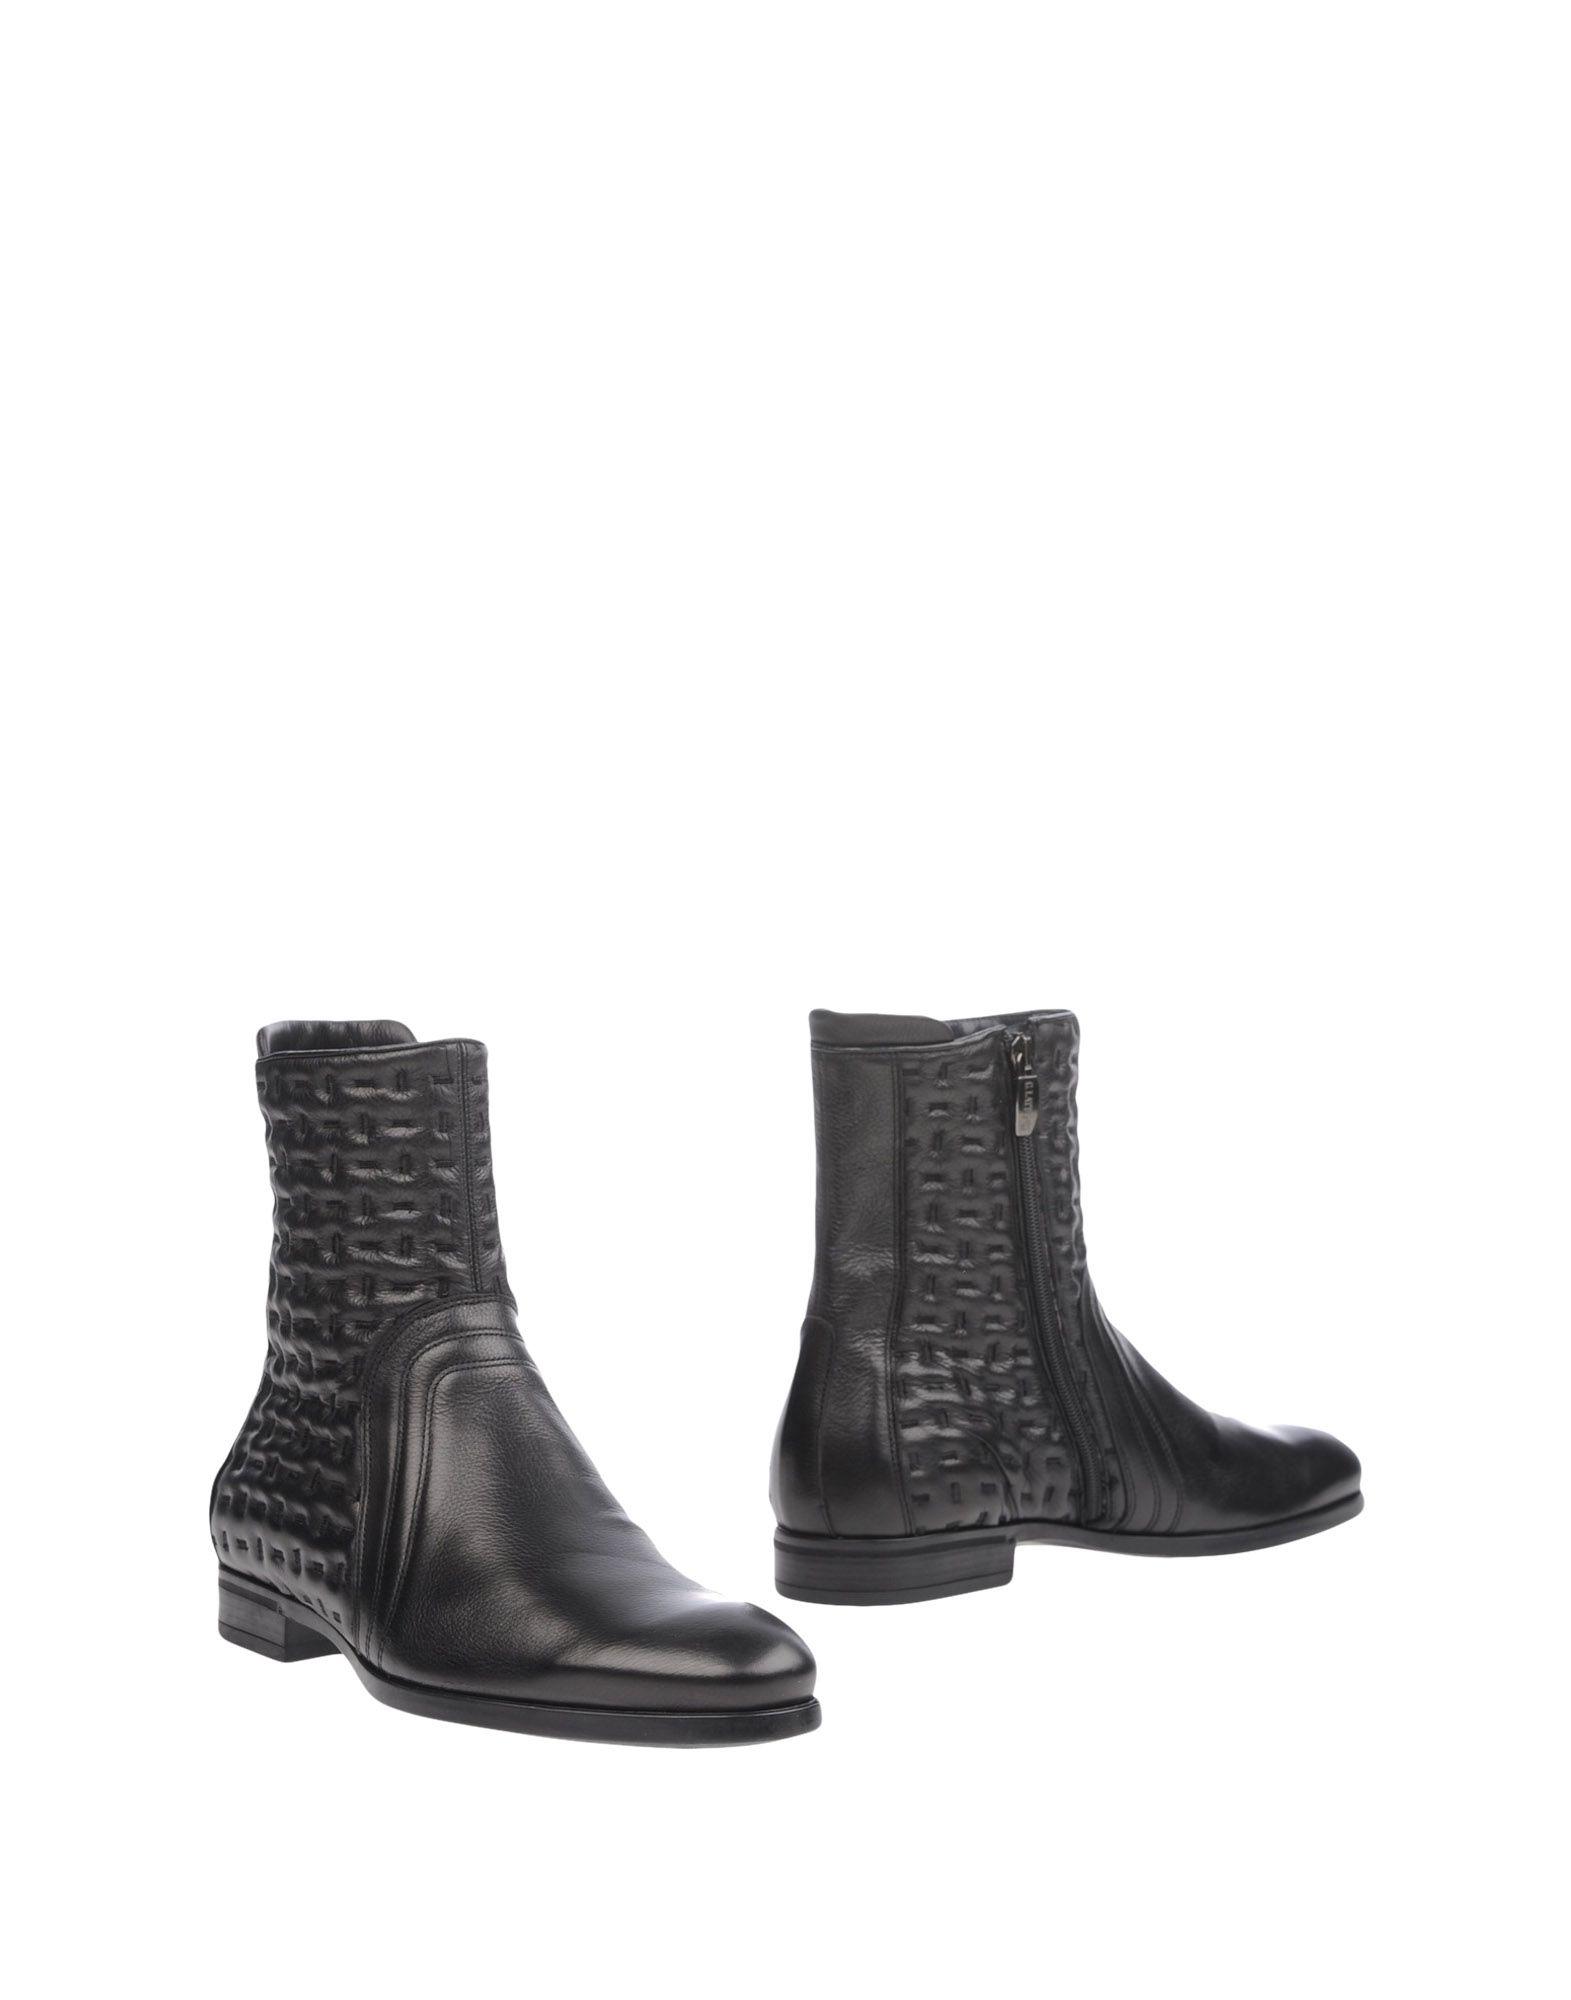 Gianfranco Lattanzi Stiefelette Herren  11228716JC Gute Qualität beliebte Schuhe